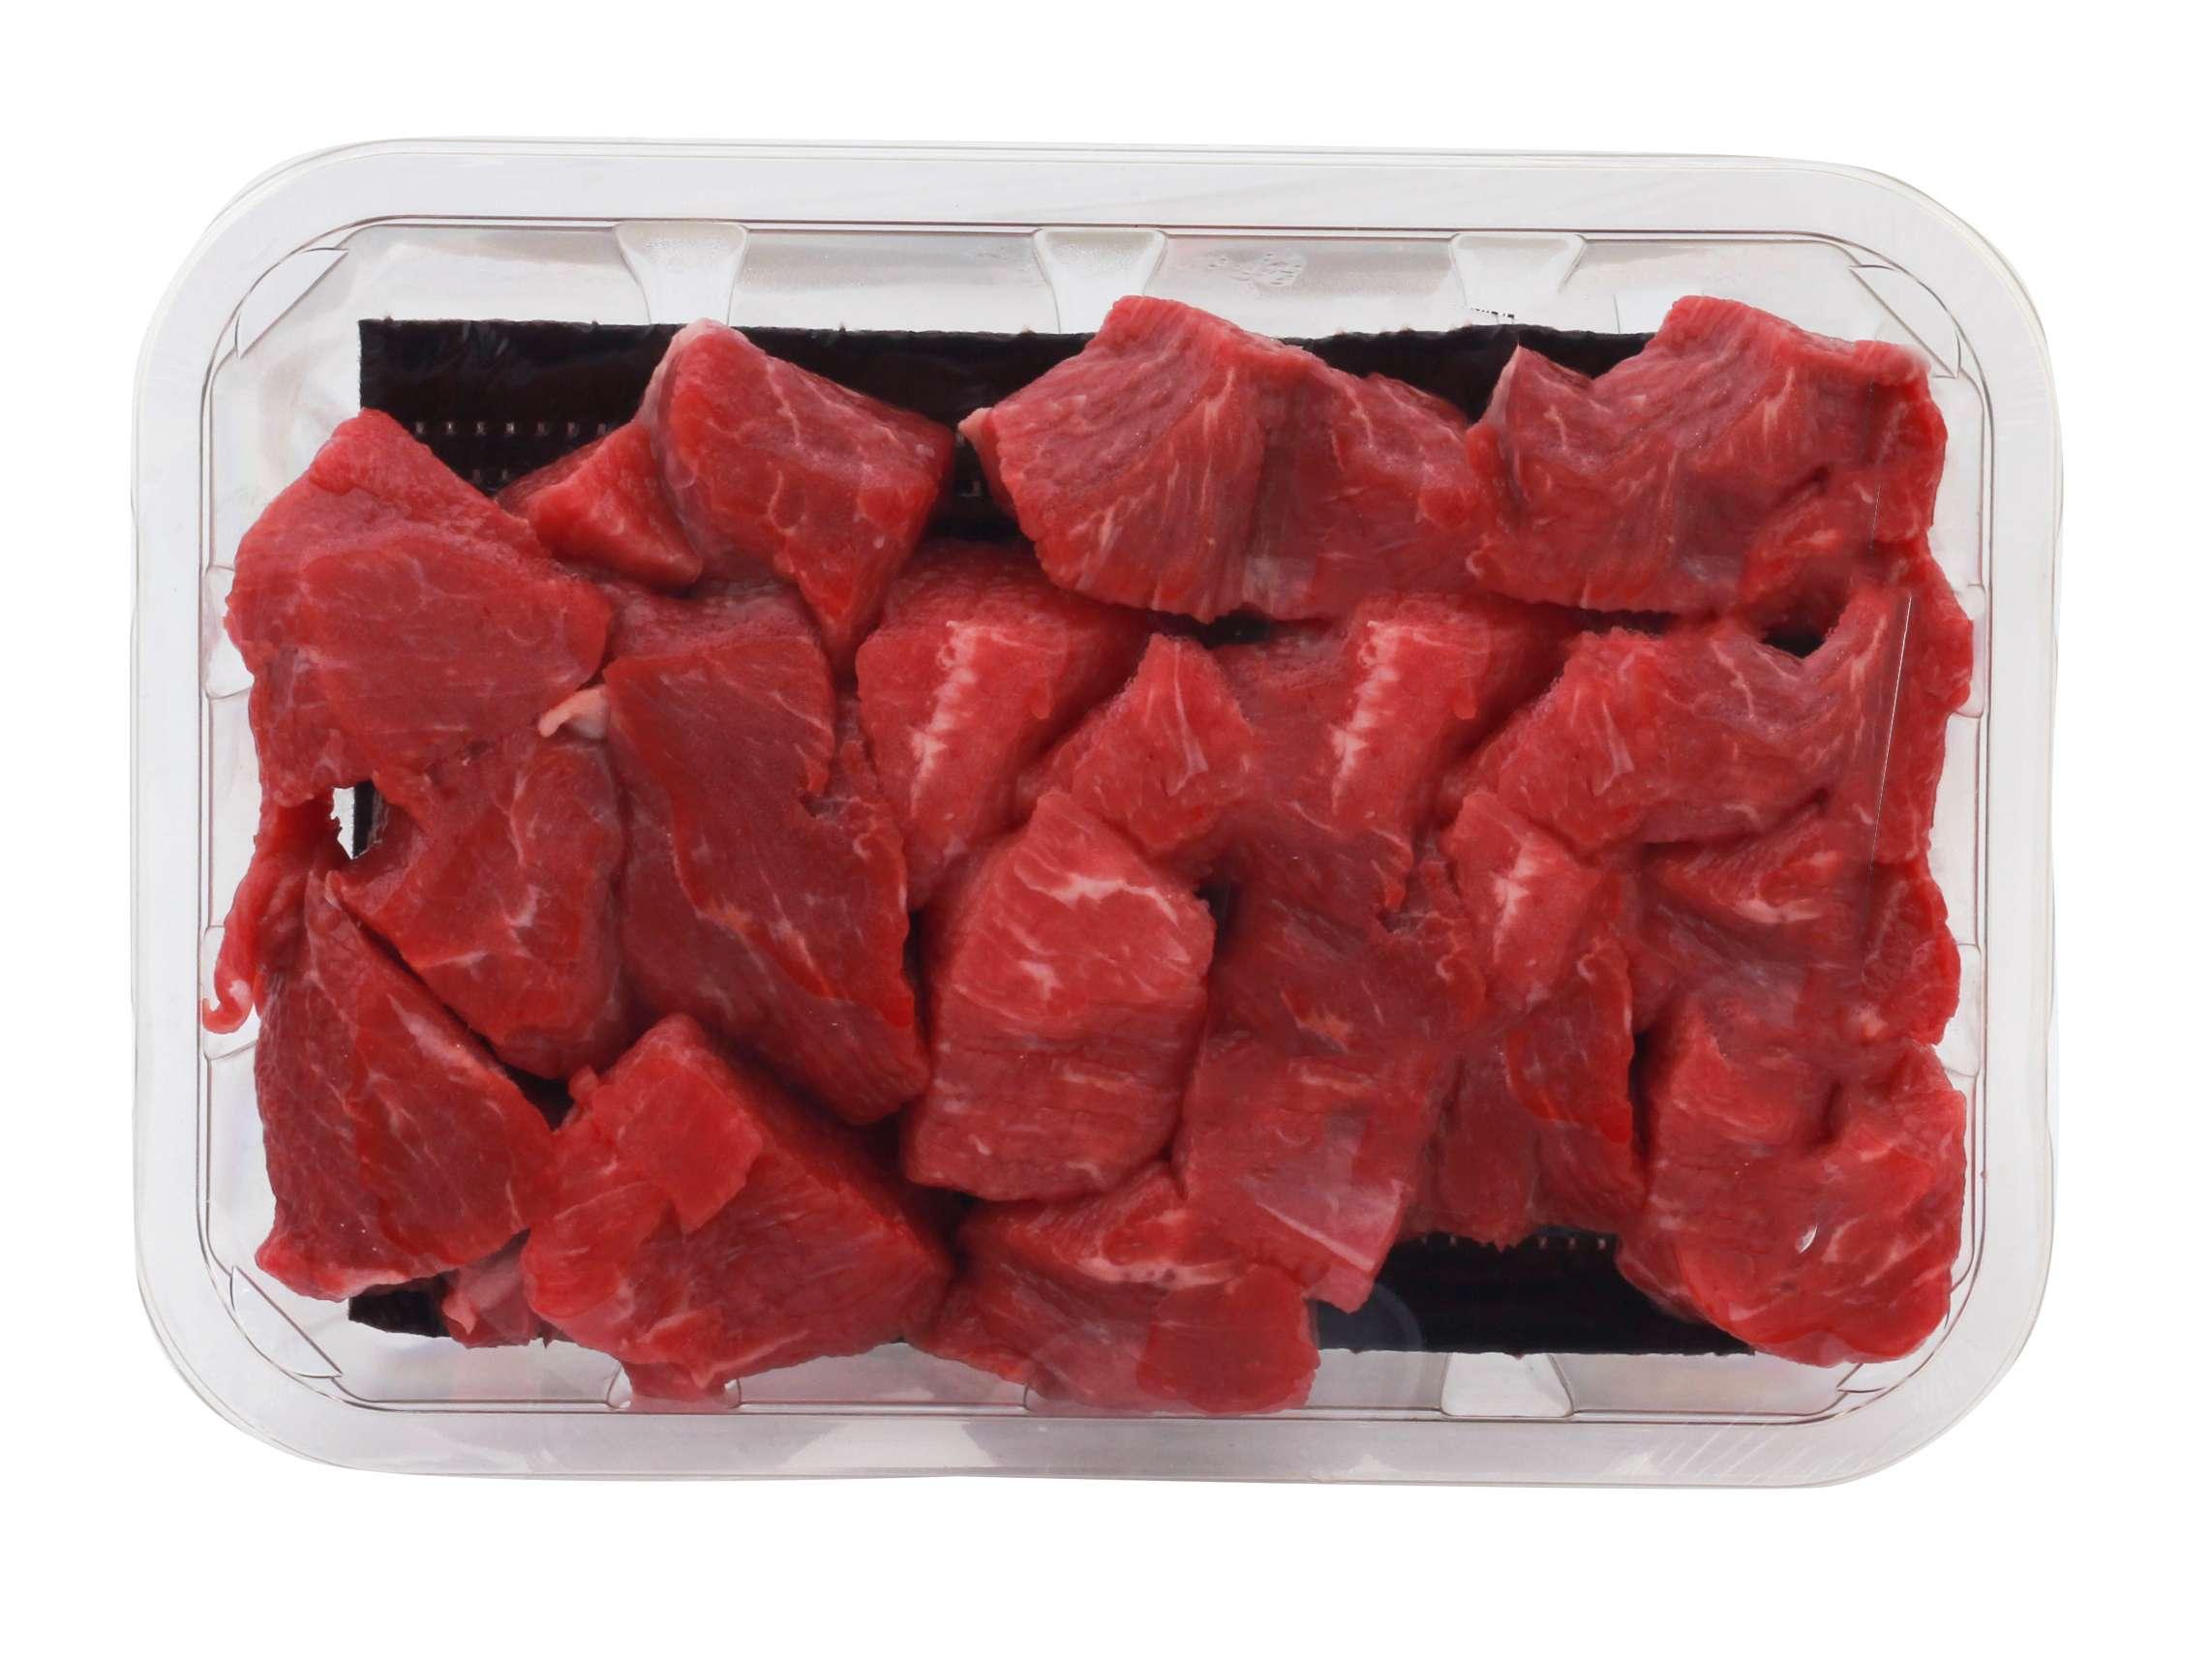 ادامه روند کاهشی قیمت گوشت قرمز با بالا رفتن دما